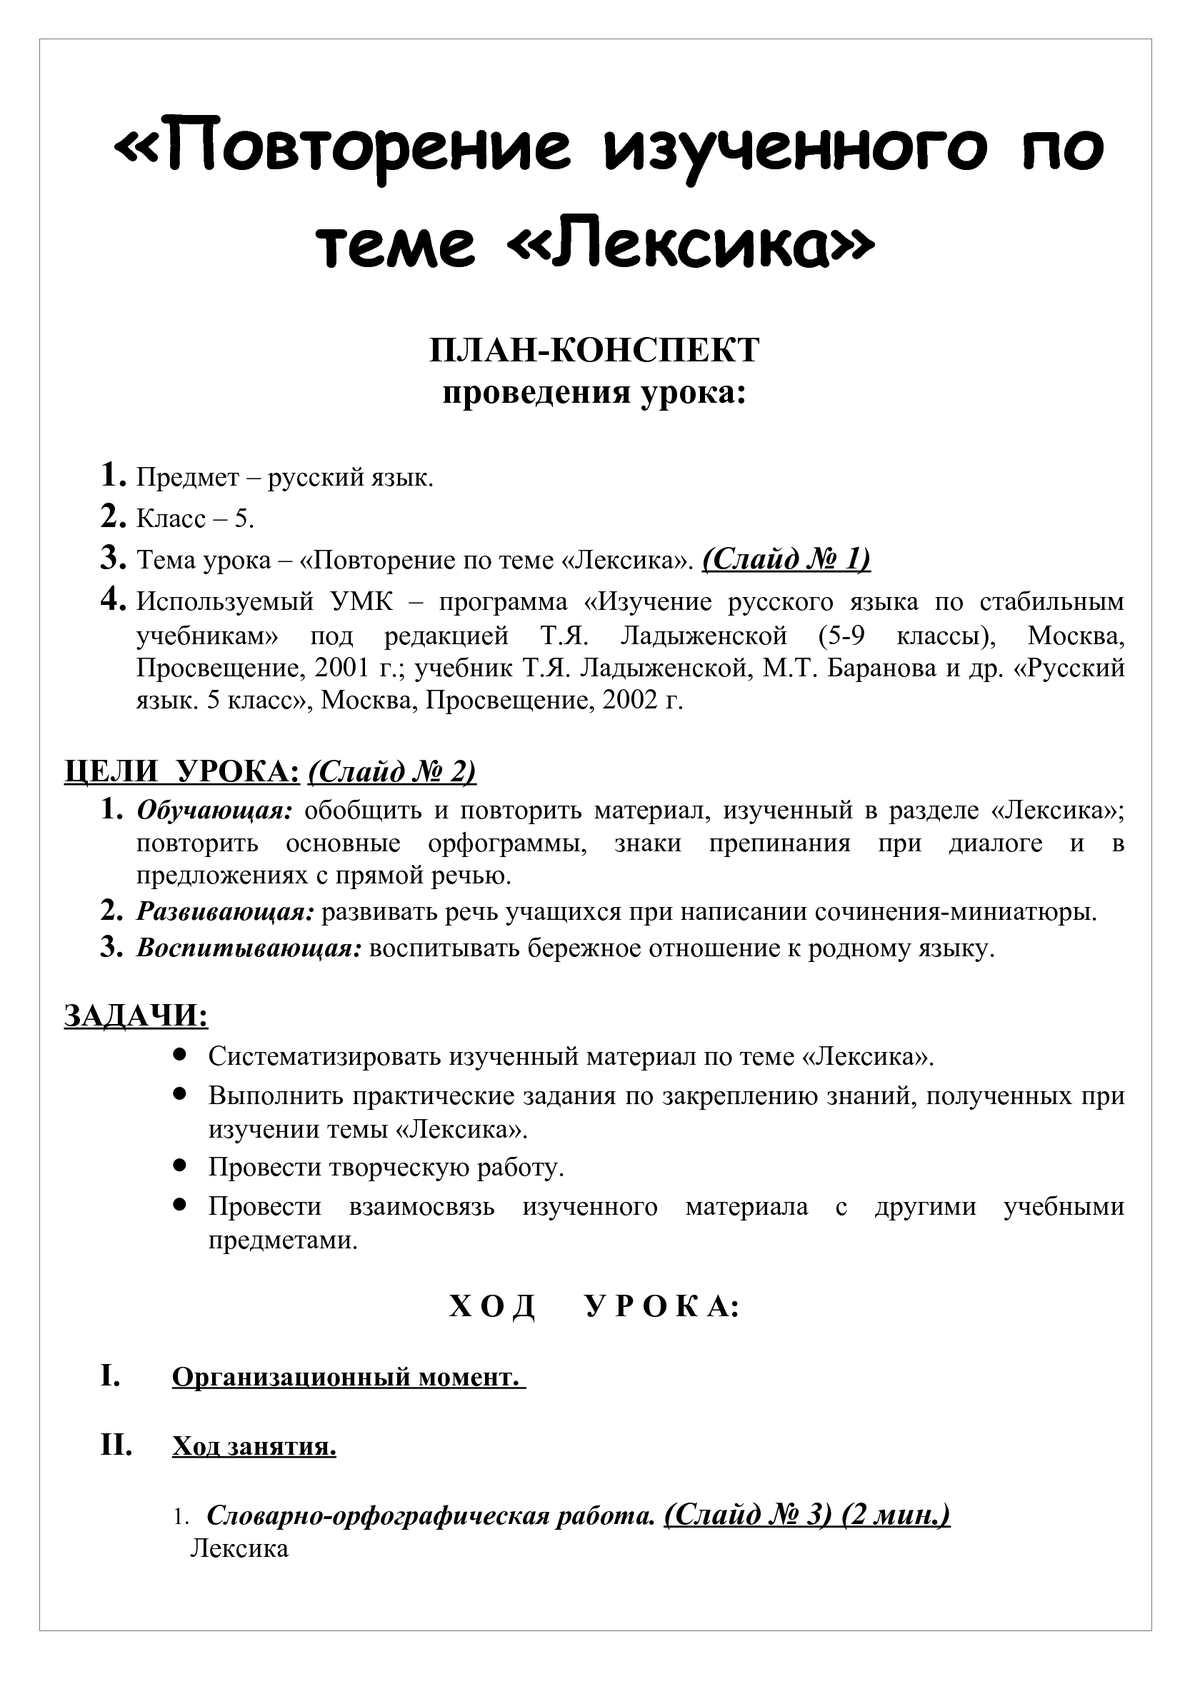 конспект урока 5 класс корень слова ладыженская